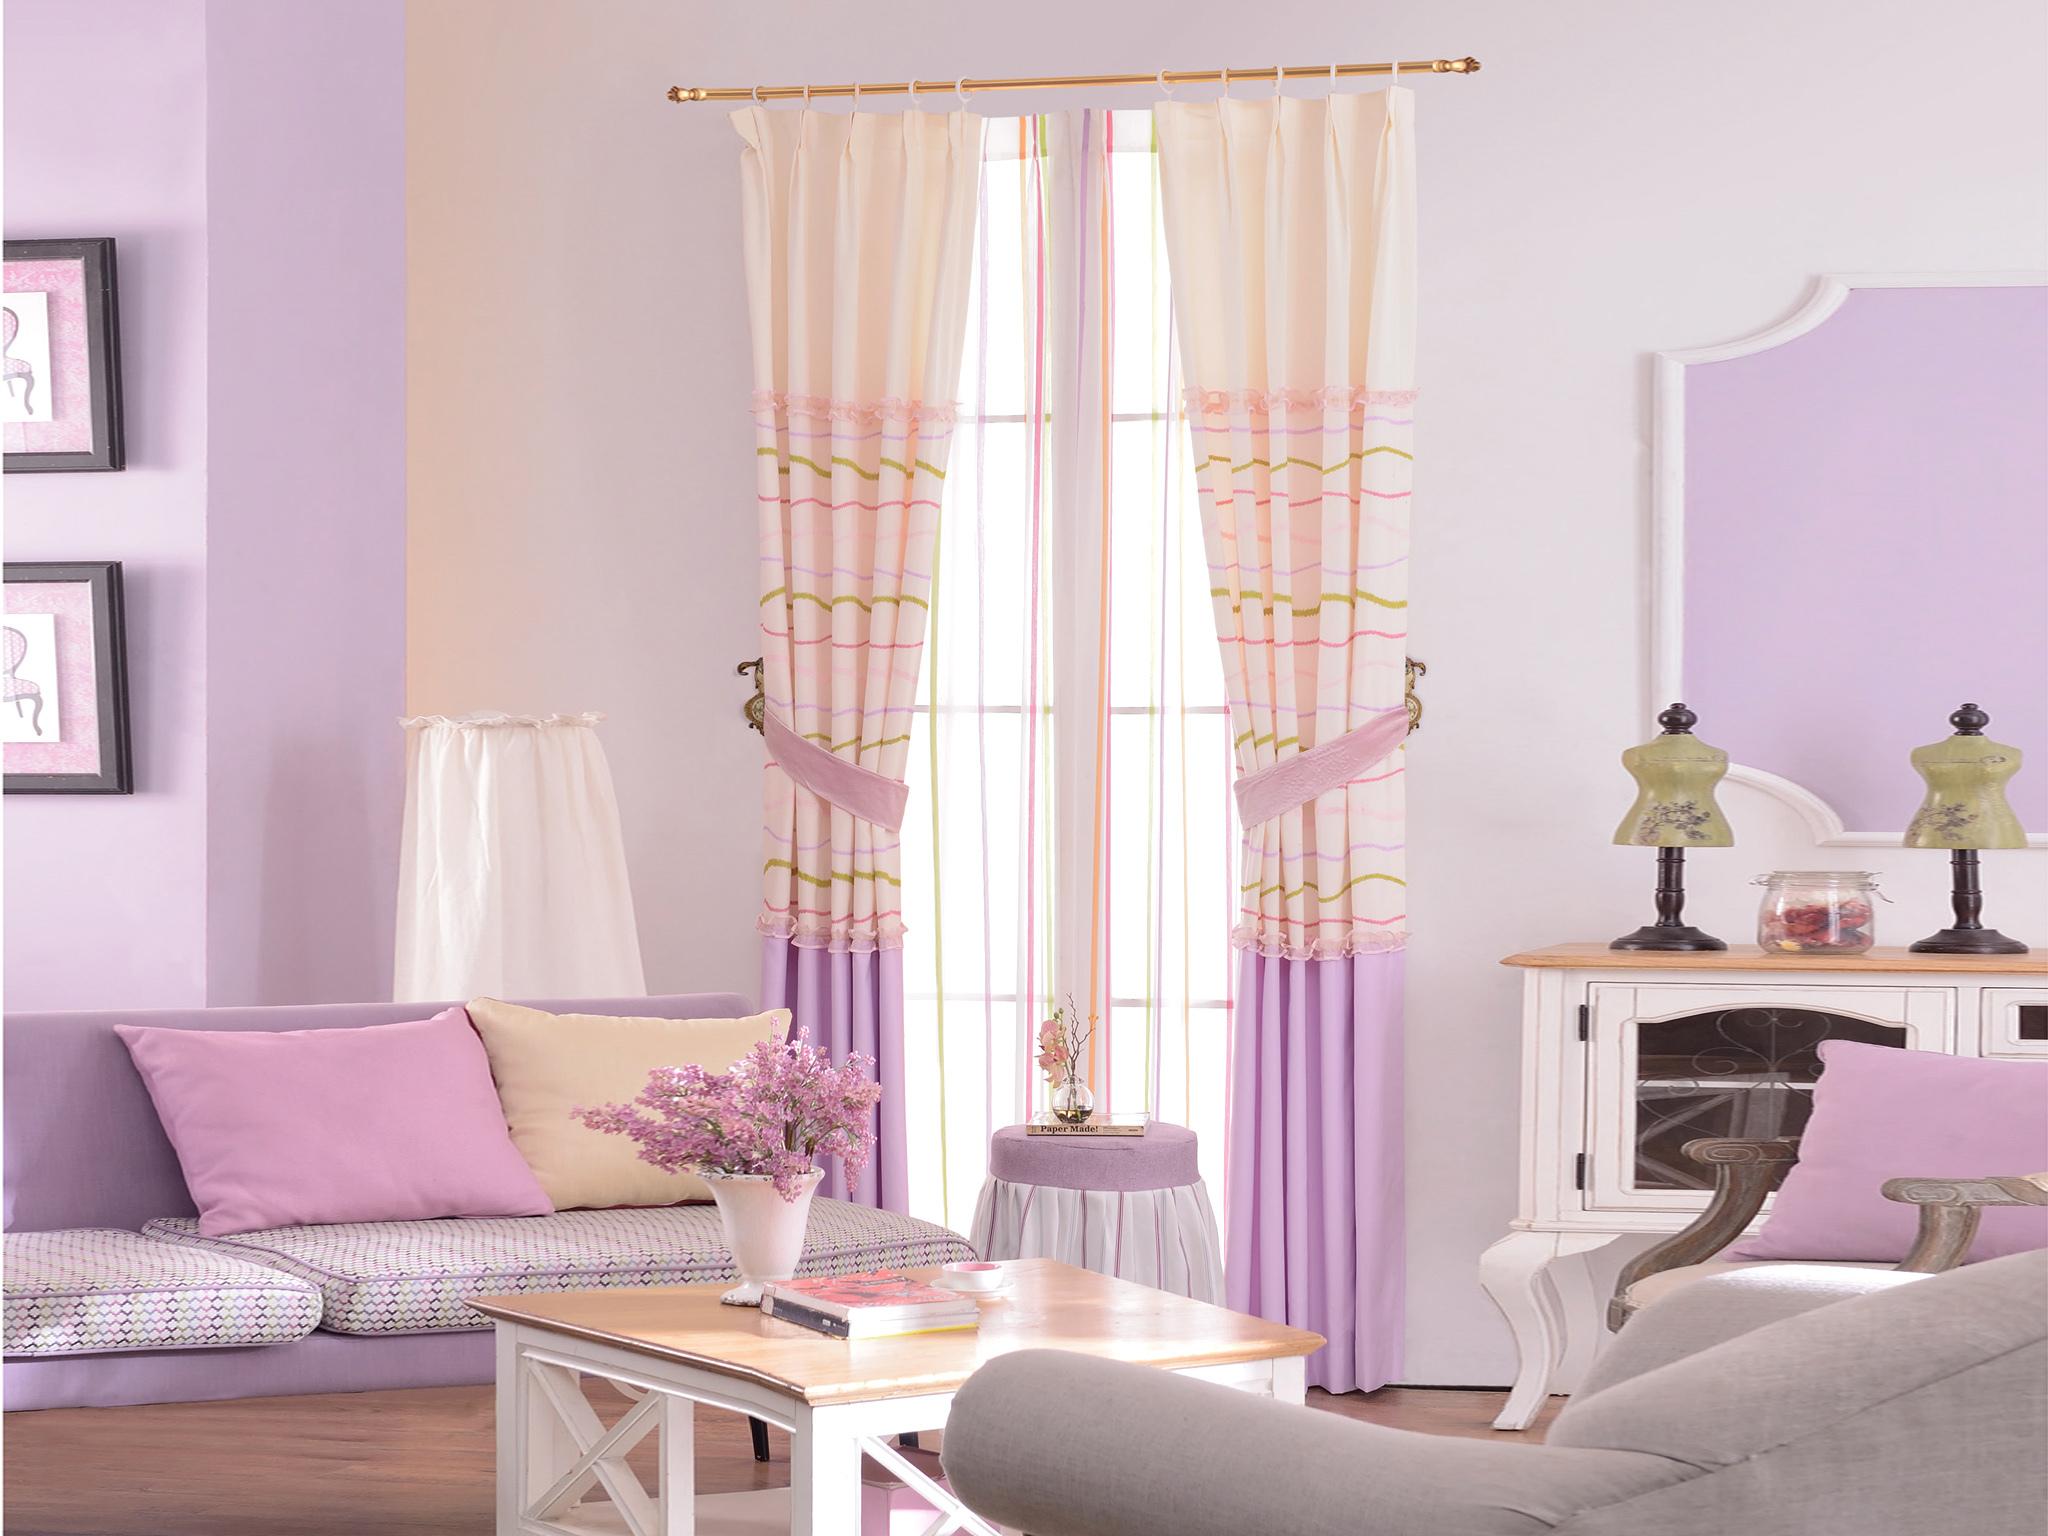 御尚居韩式可爱公主卡通儿童房半遮光窗帘布棉麻成品女孩卧室窗帘粉